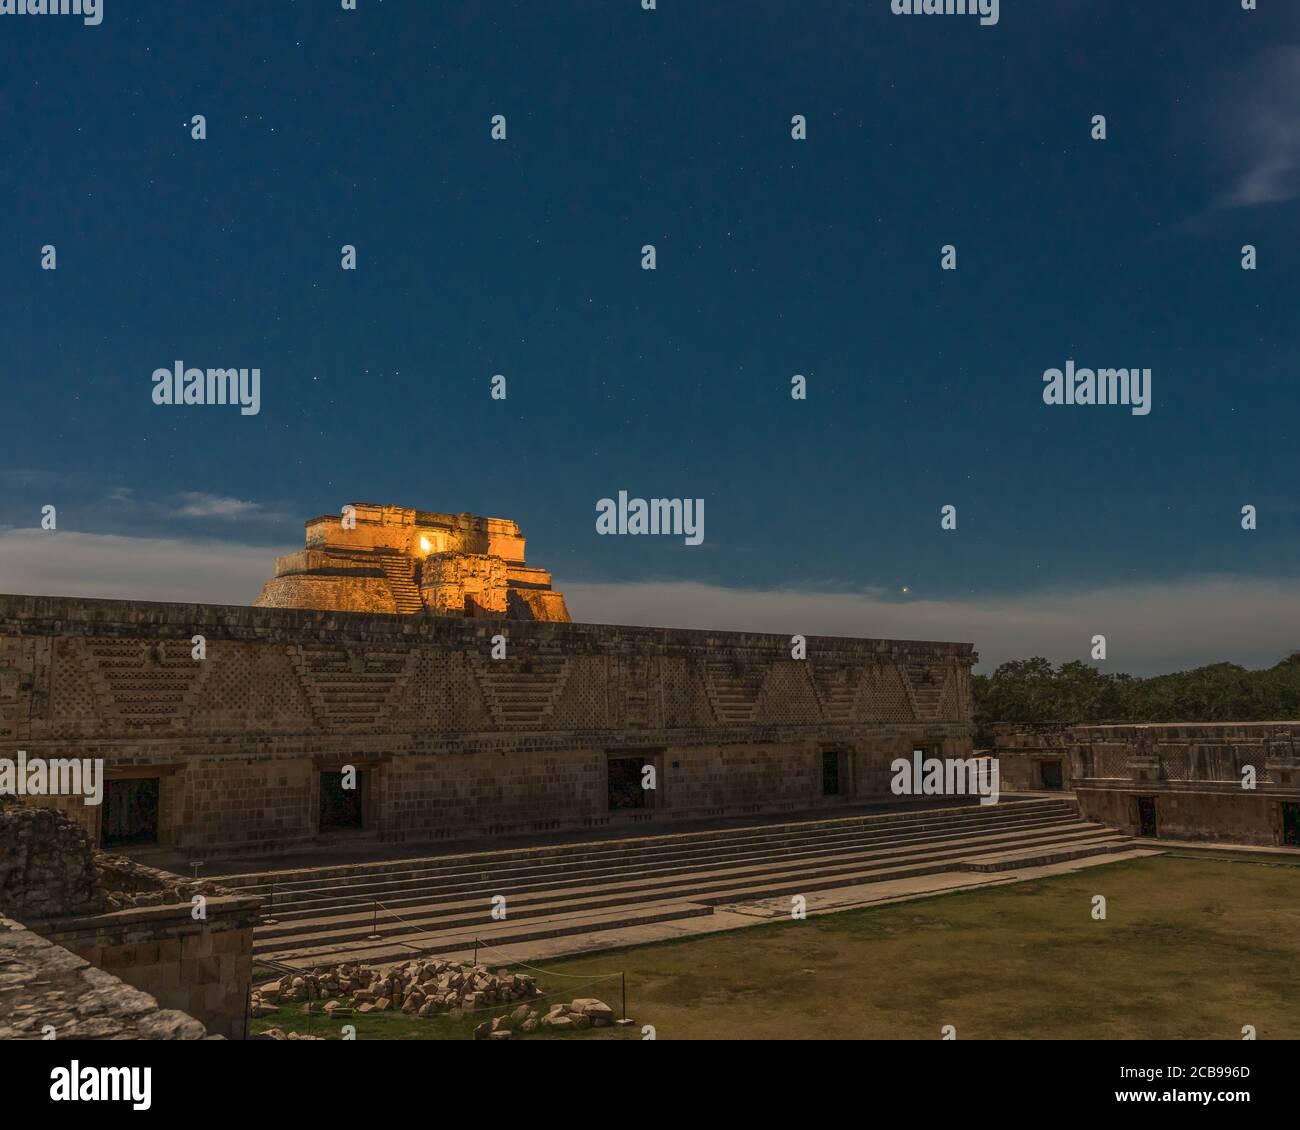 La Pirámide del Mago detrás del edificio este del Cuadrángulo de las Monjas está iluminado en las ruinas mayas prehispánicas de Uxmal, México. Foto de stock